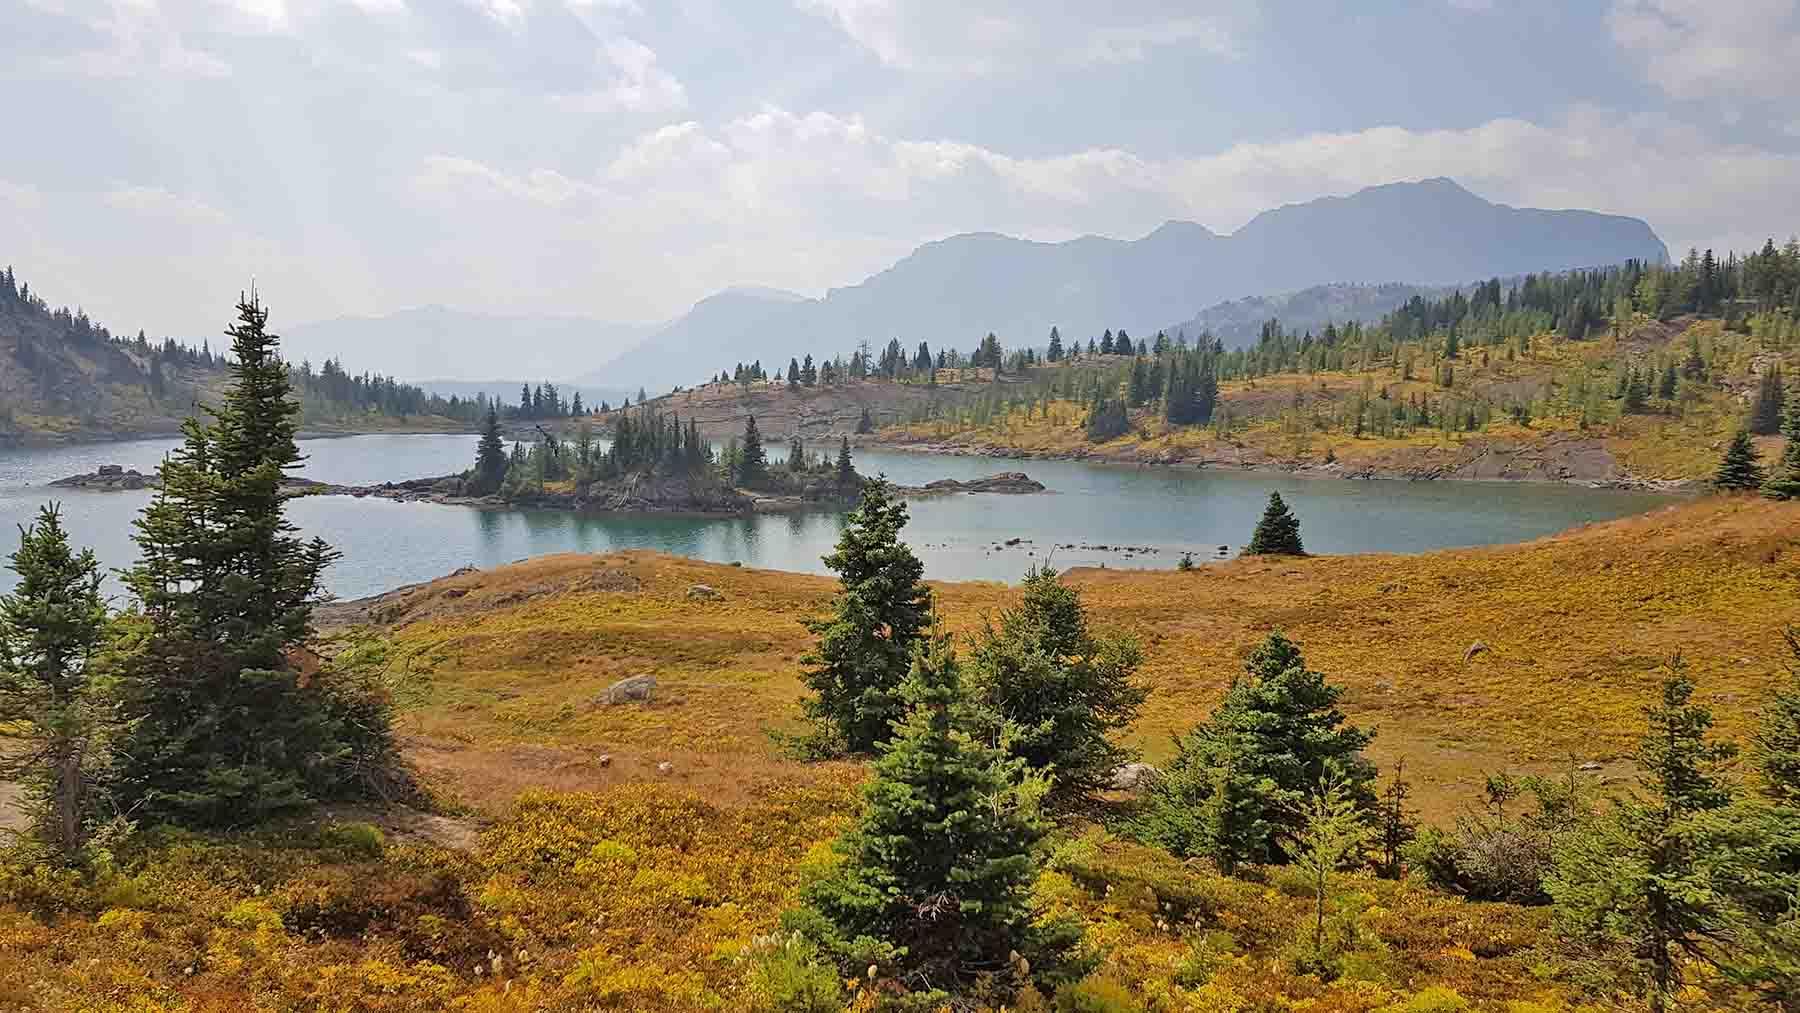 parco nazionale banff canada passeggiate